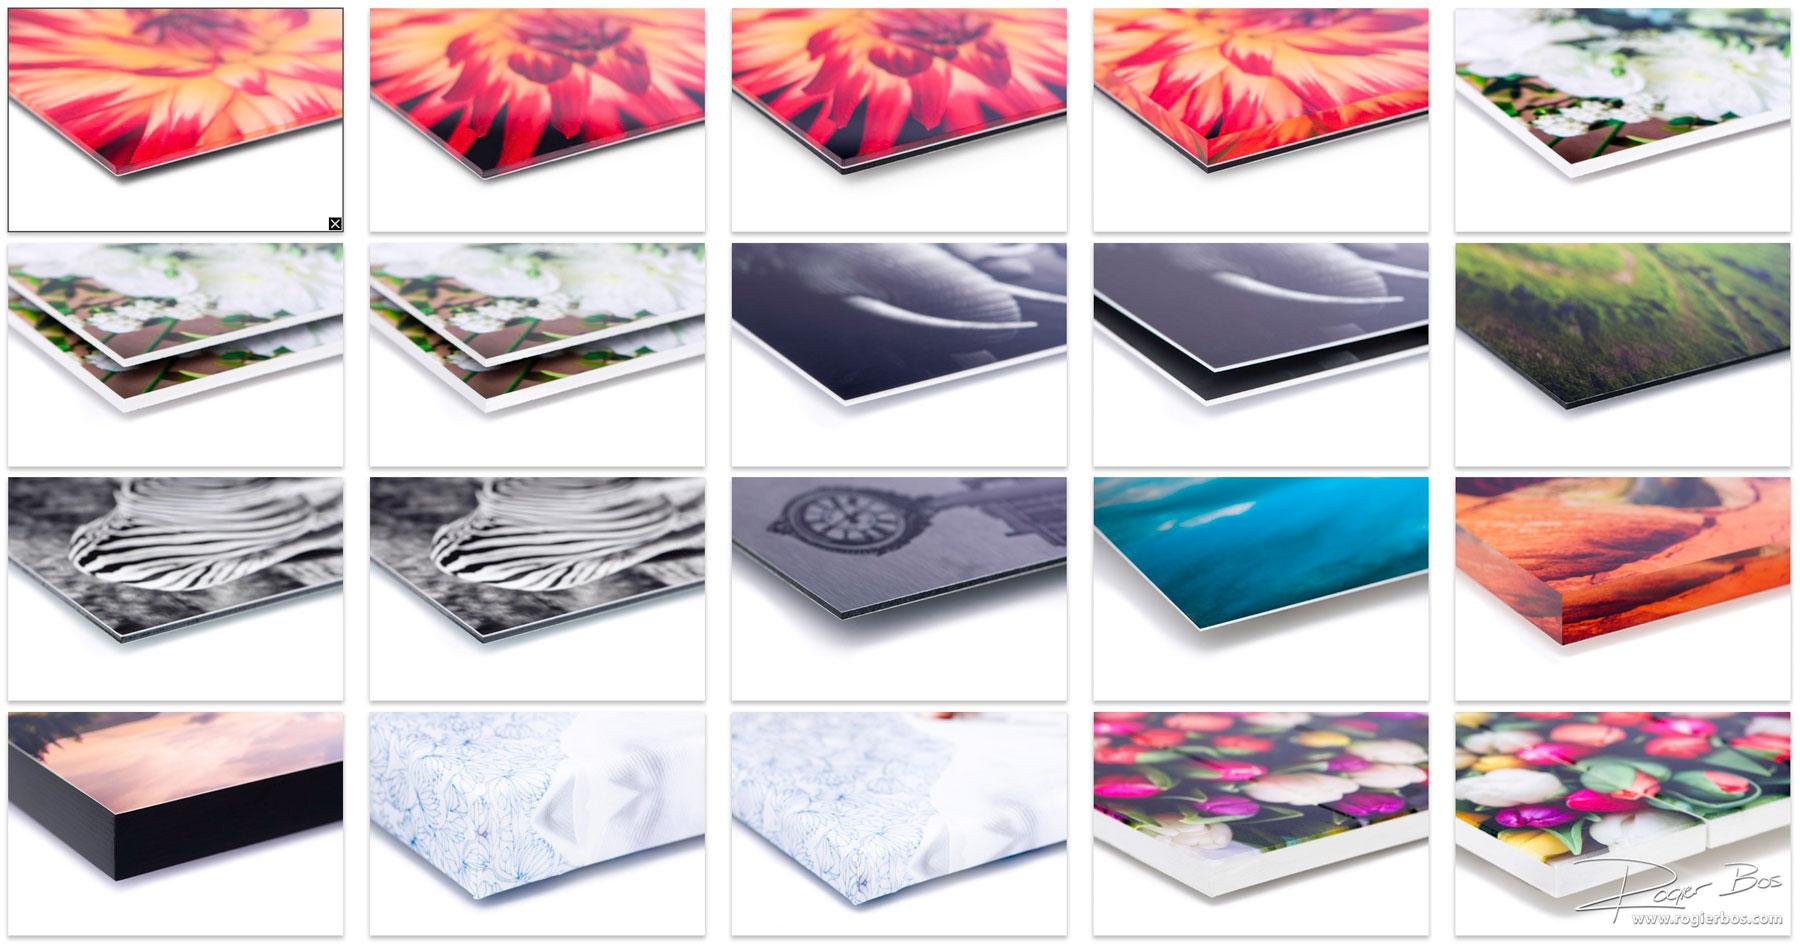 Productfotografie: overzicht van de verschillende afdrukmaterialen